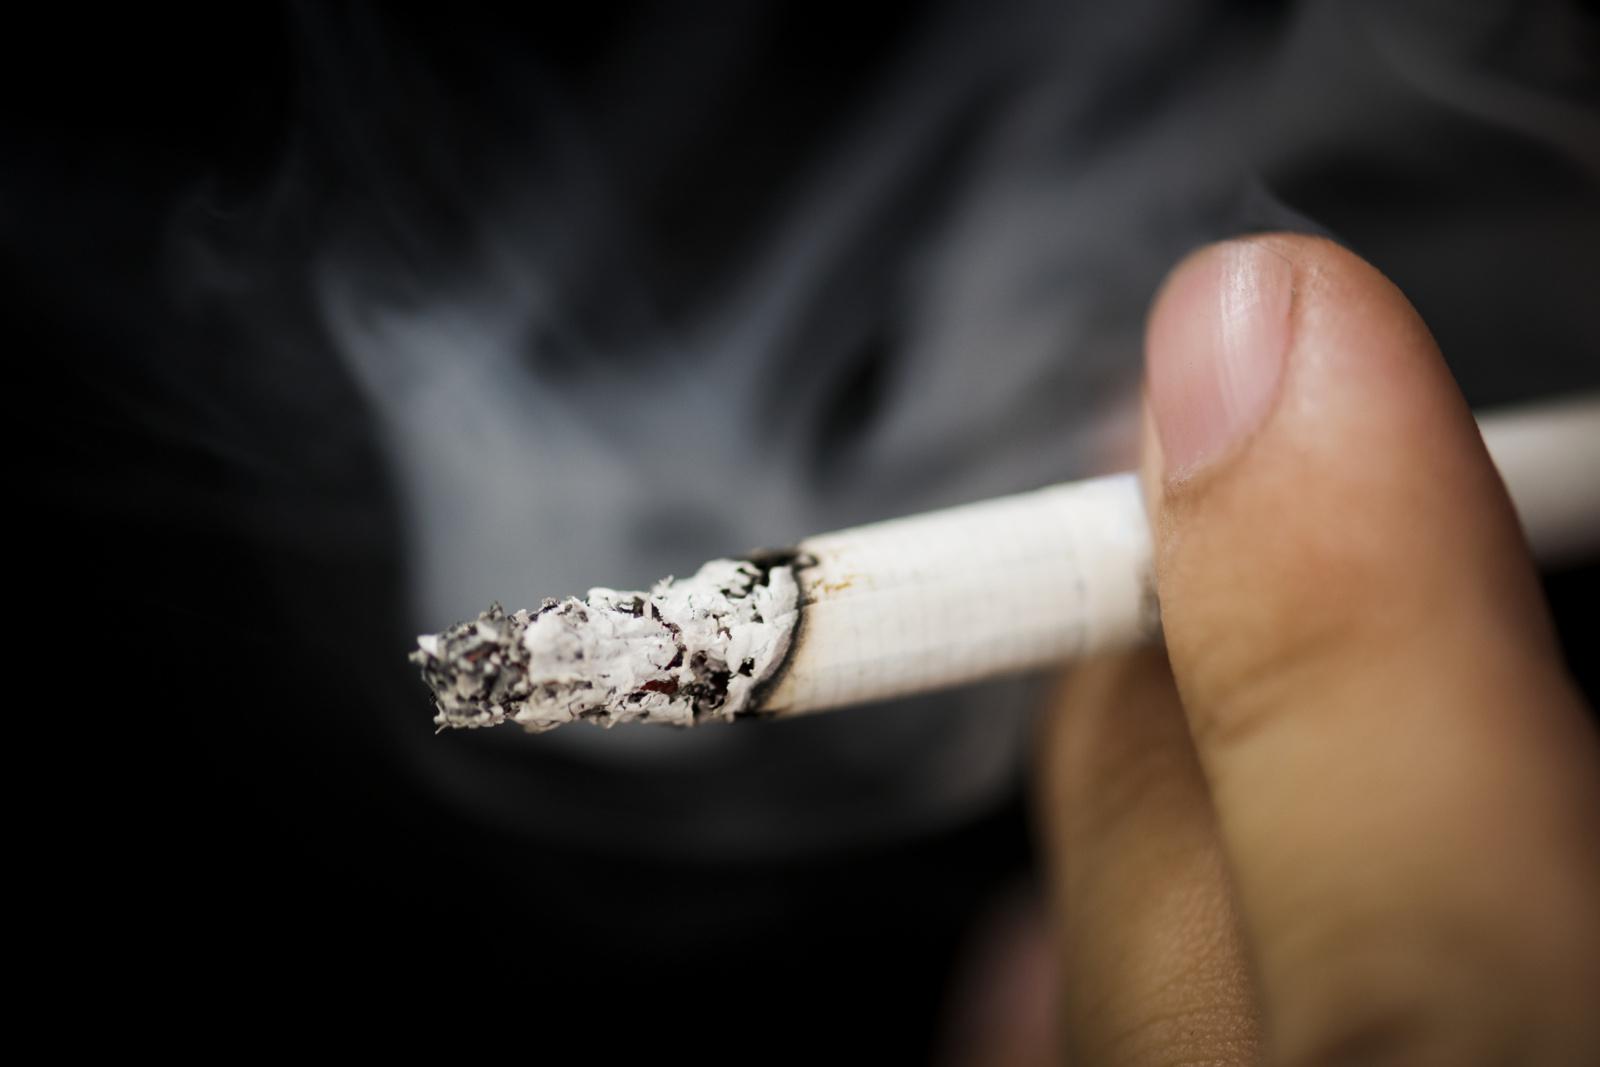 Seimas linkęs nuo 2022-ųjų gegužės drausti prekybininkams viešai eksponuoti tabako prekes